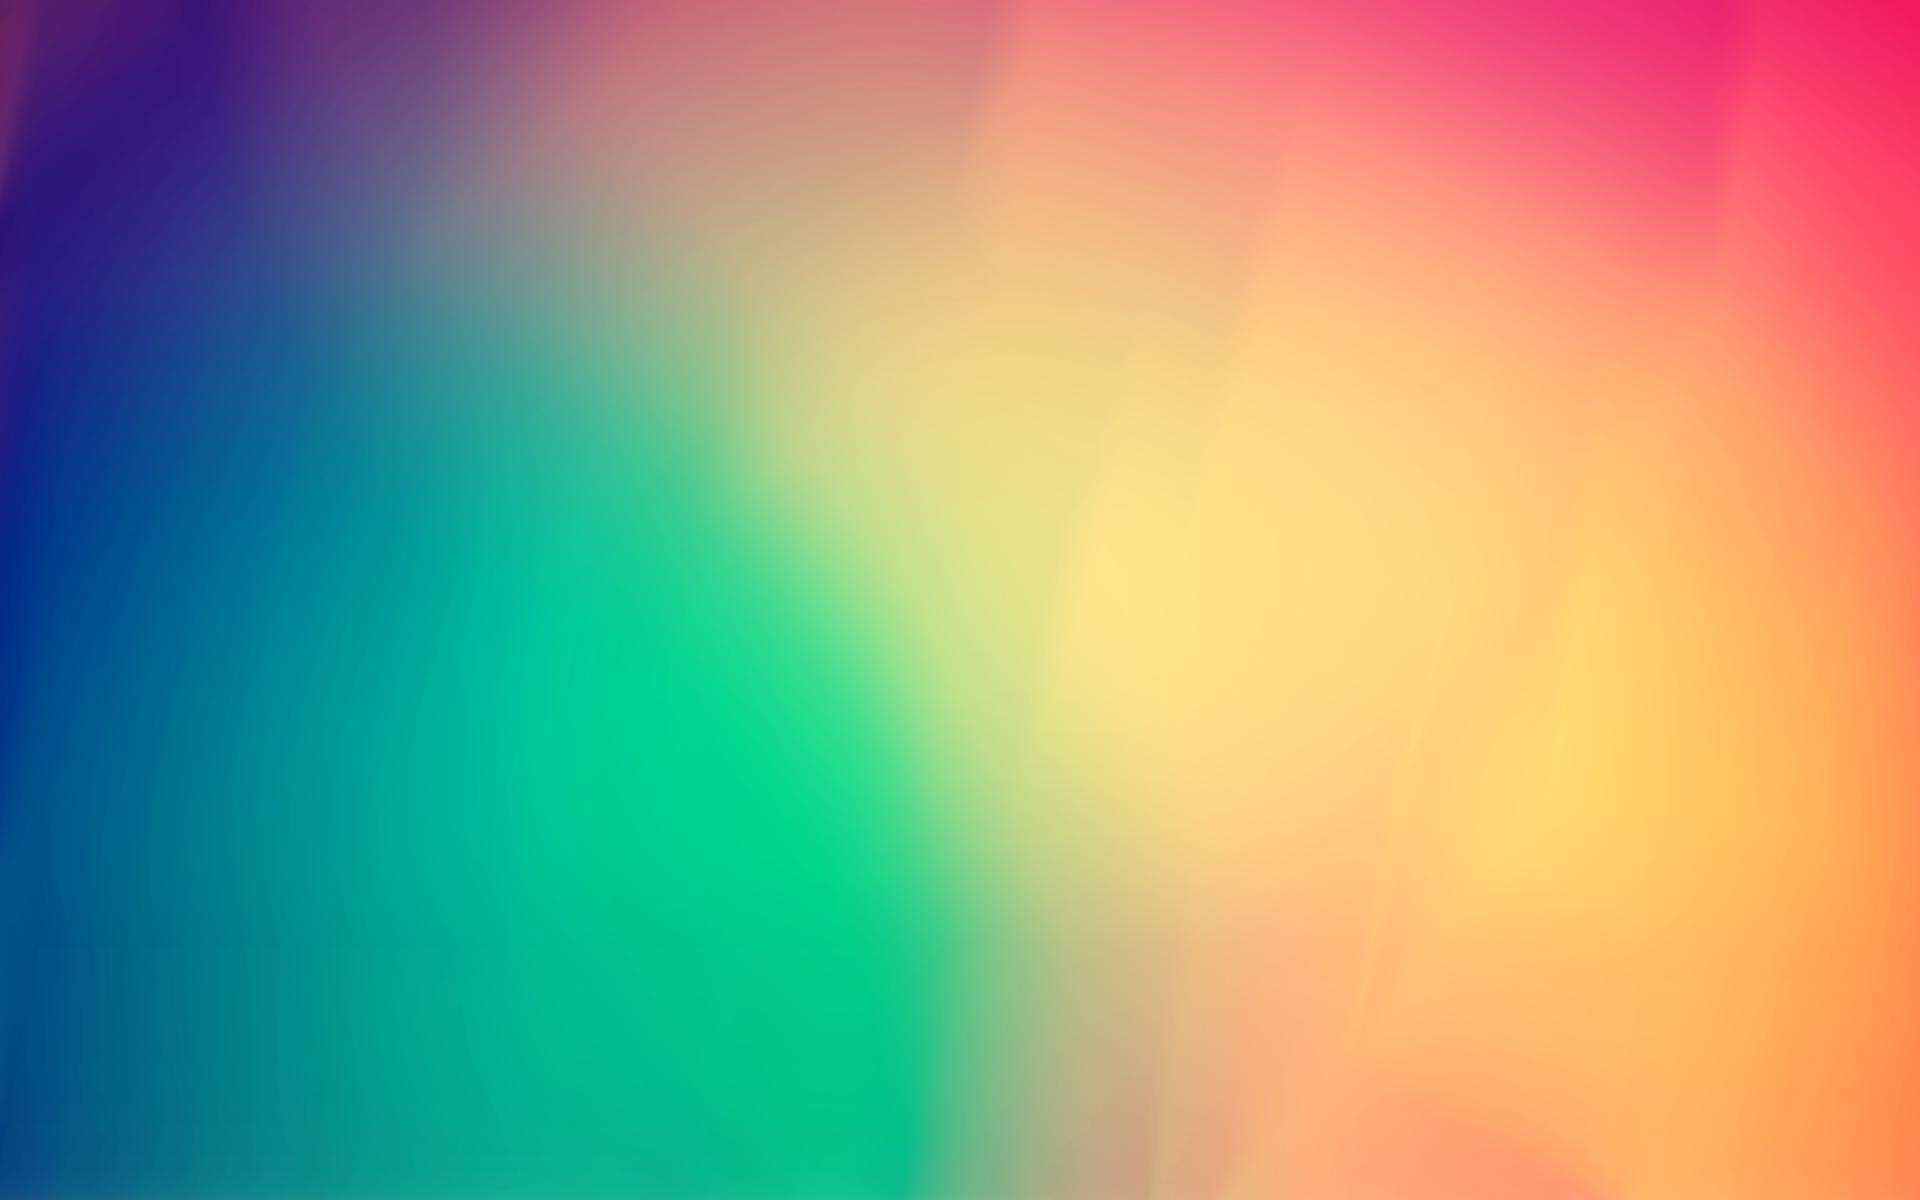 HQ Blur Wallpaper Download Wallpaper Pinterest Wallpapers